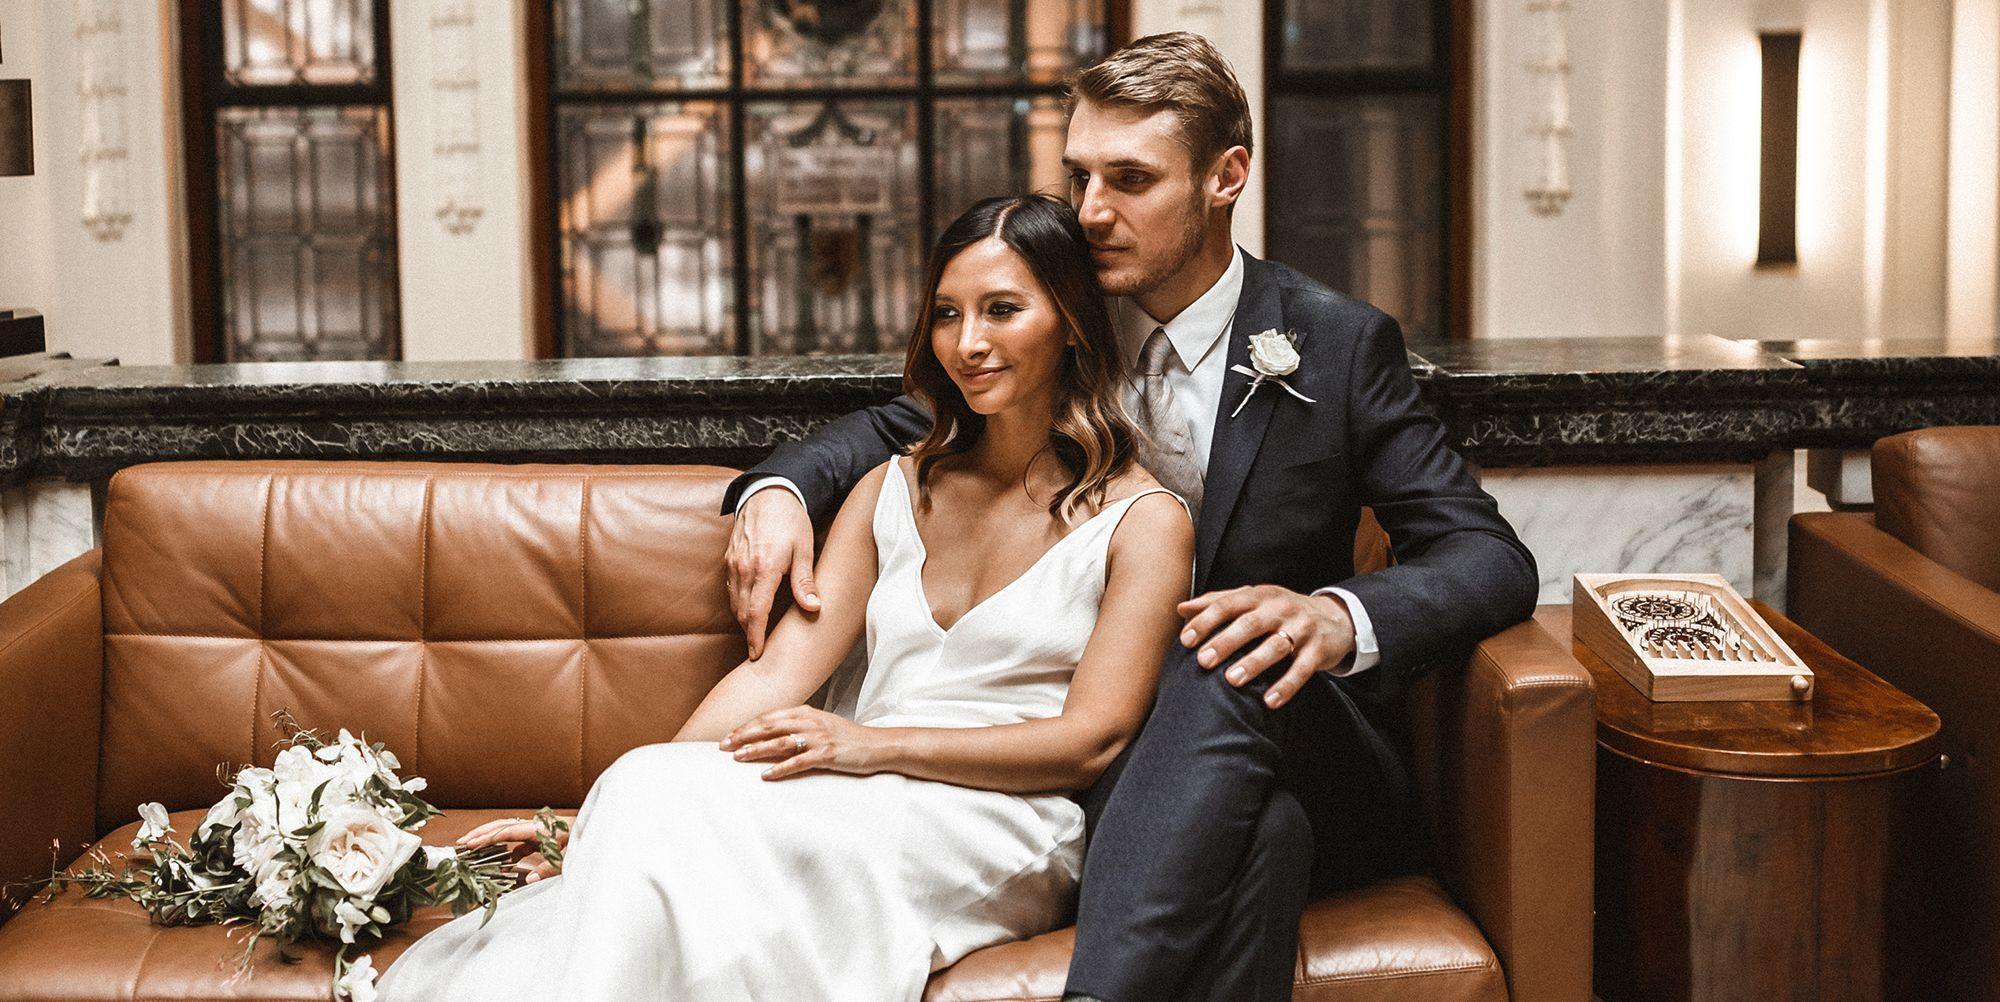 Real life brides